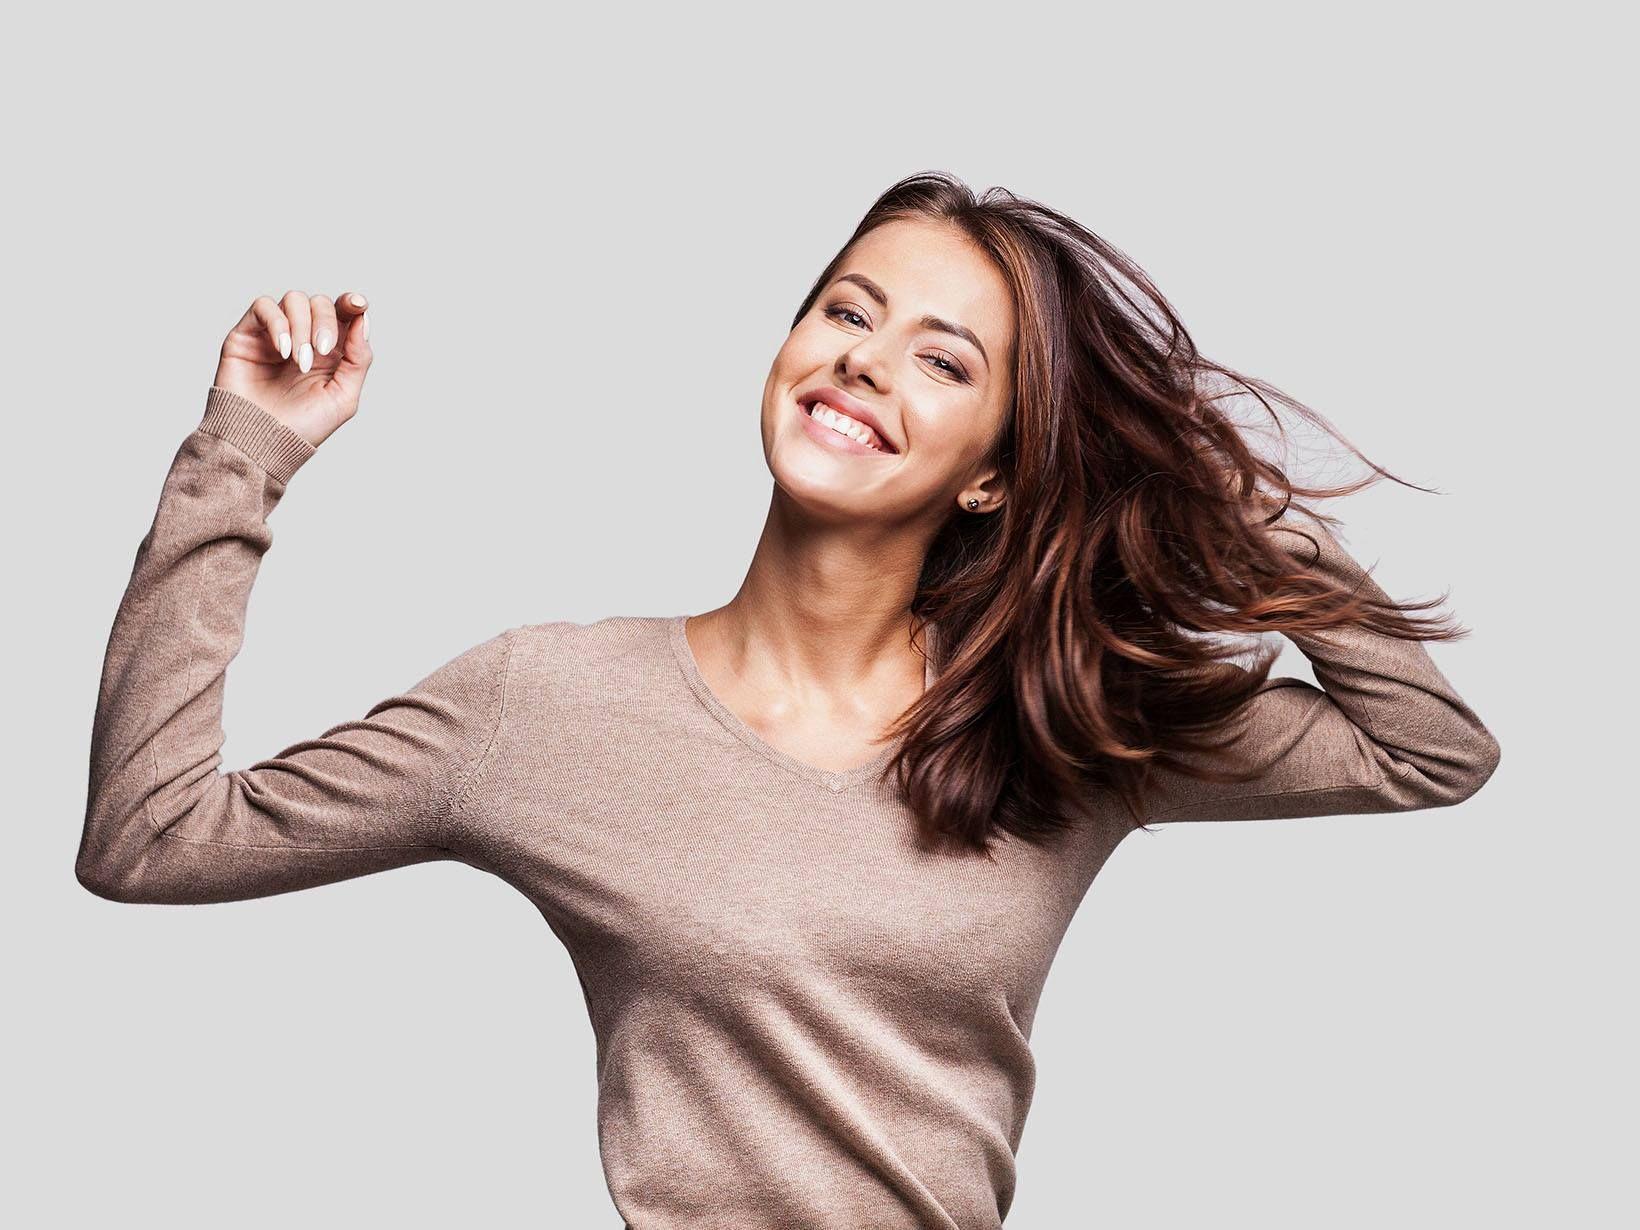 10+ welche frisur passt zu mir männer  Frisuren schmales gesicht